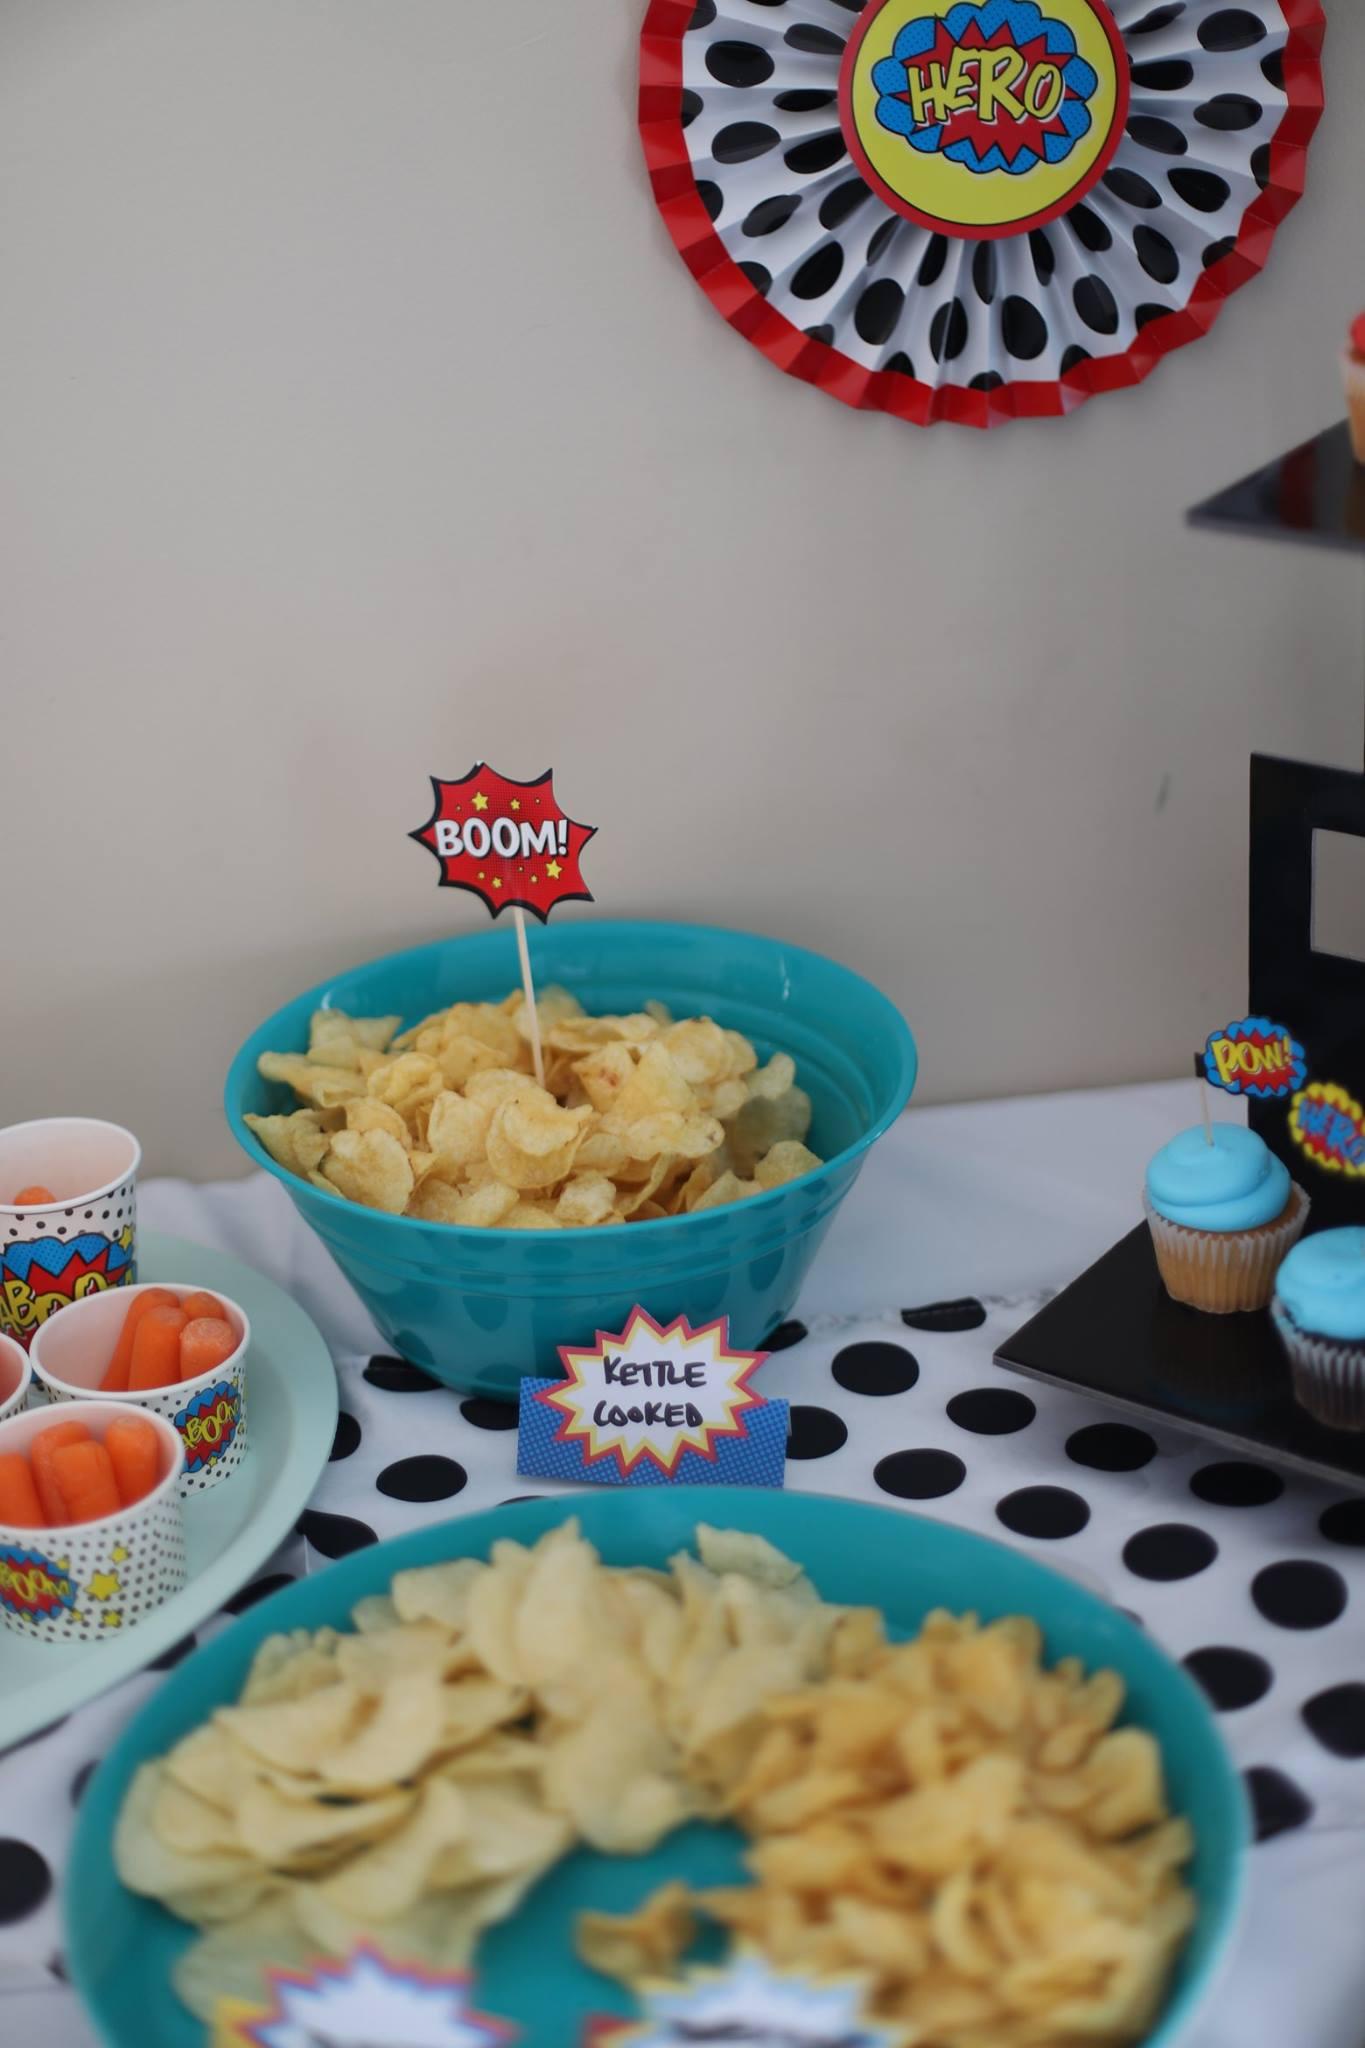 036_superhero_party_food.jpg